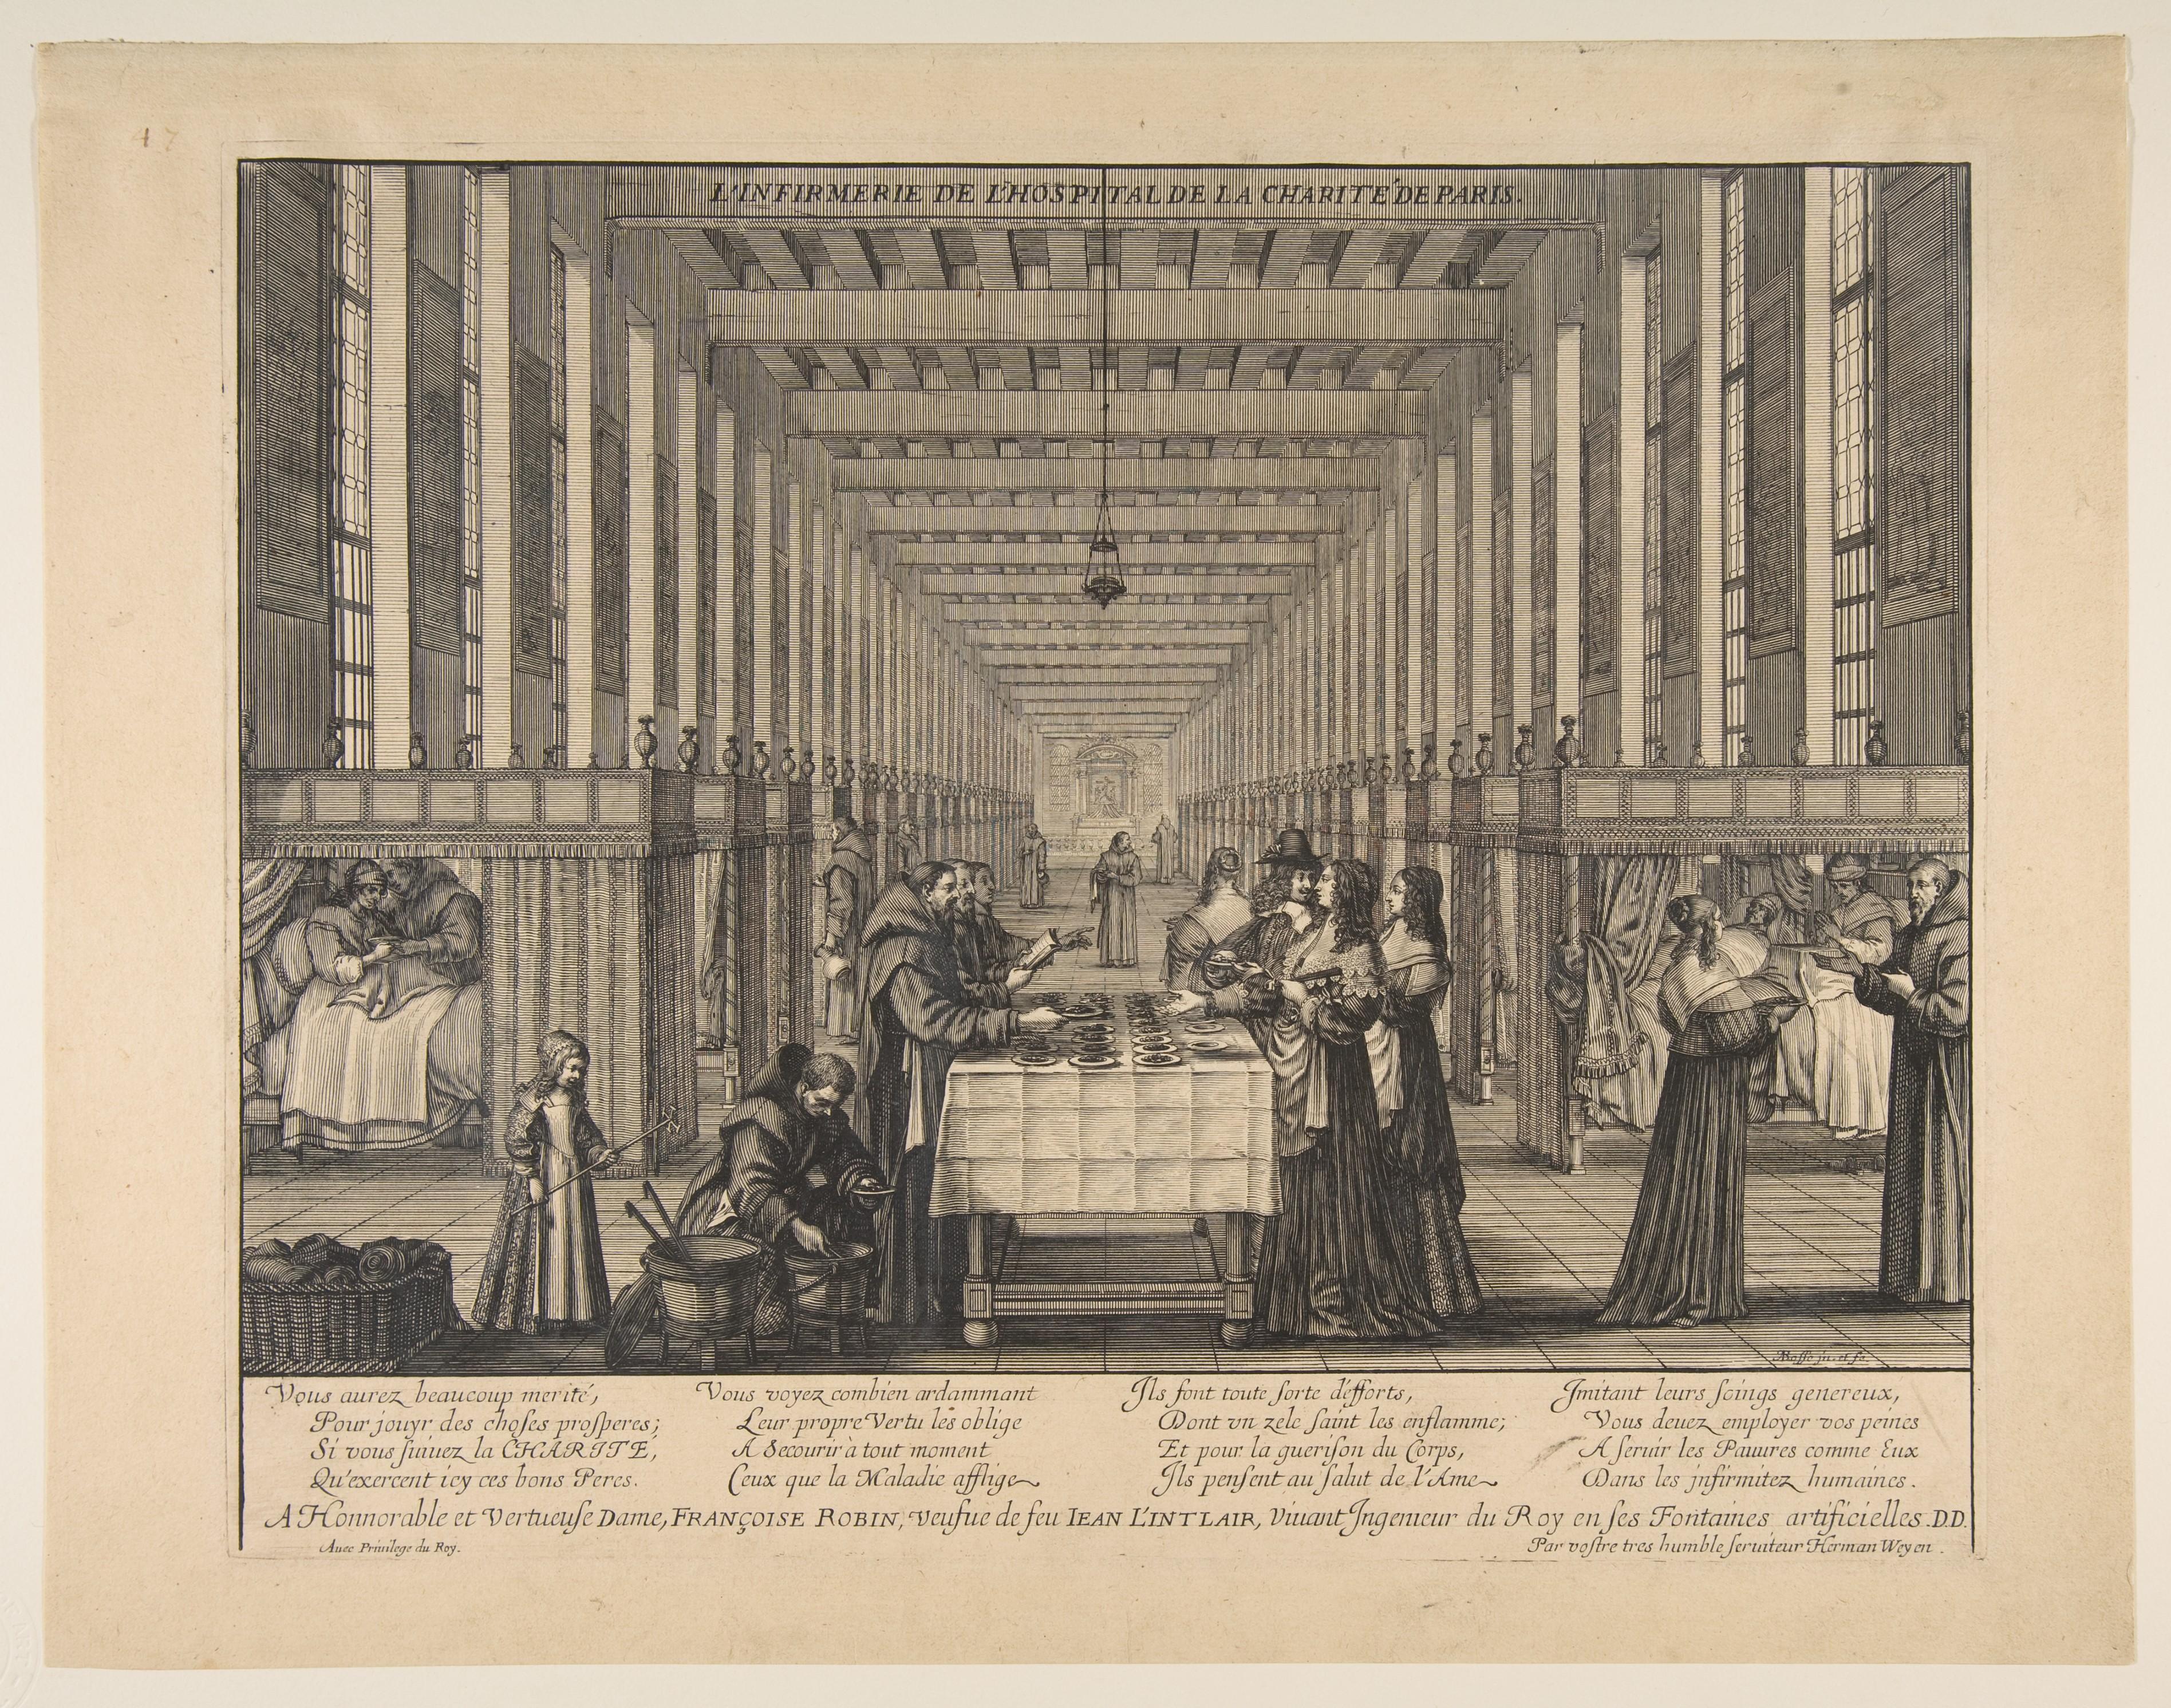 L'infirmerie de l' hospital de la Charité de Paris, Abraham Bosse, c. 1639